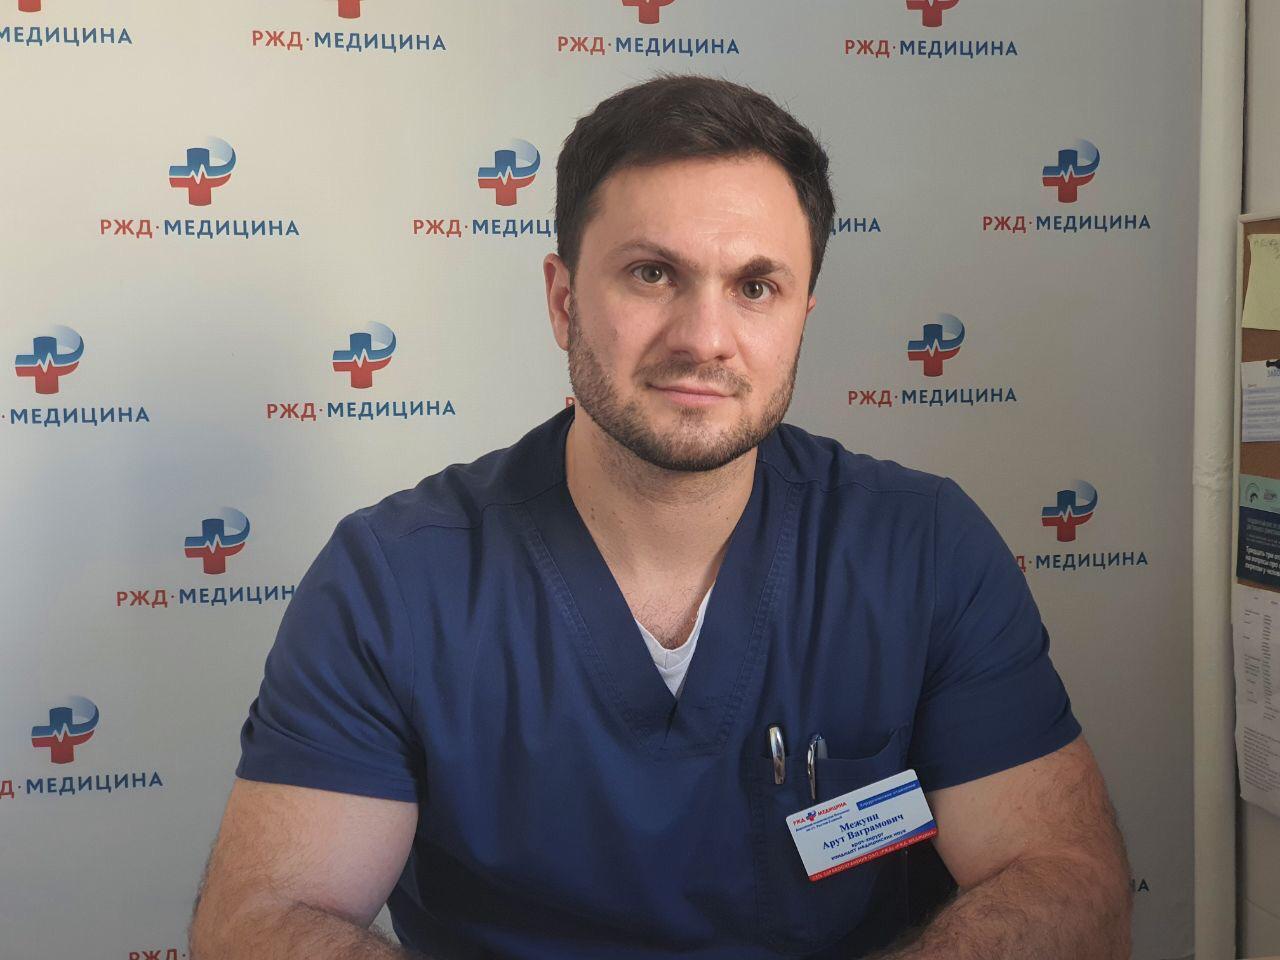 Наш хирург Арут Межунц впервые проведет консультации в Анапе 💪